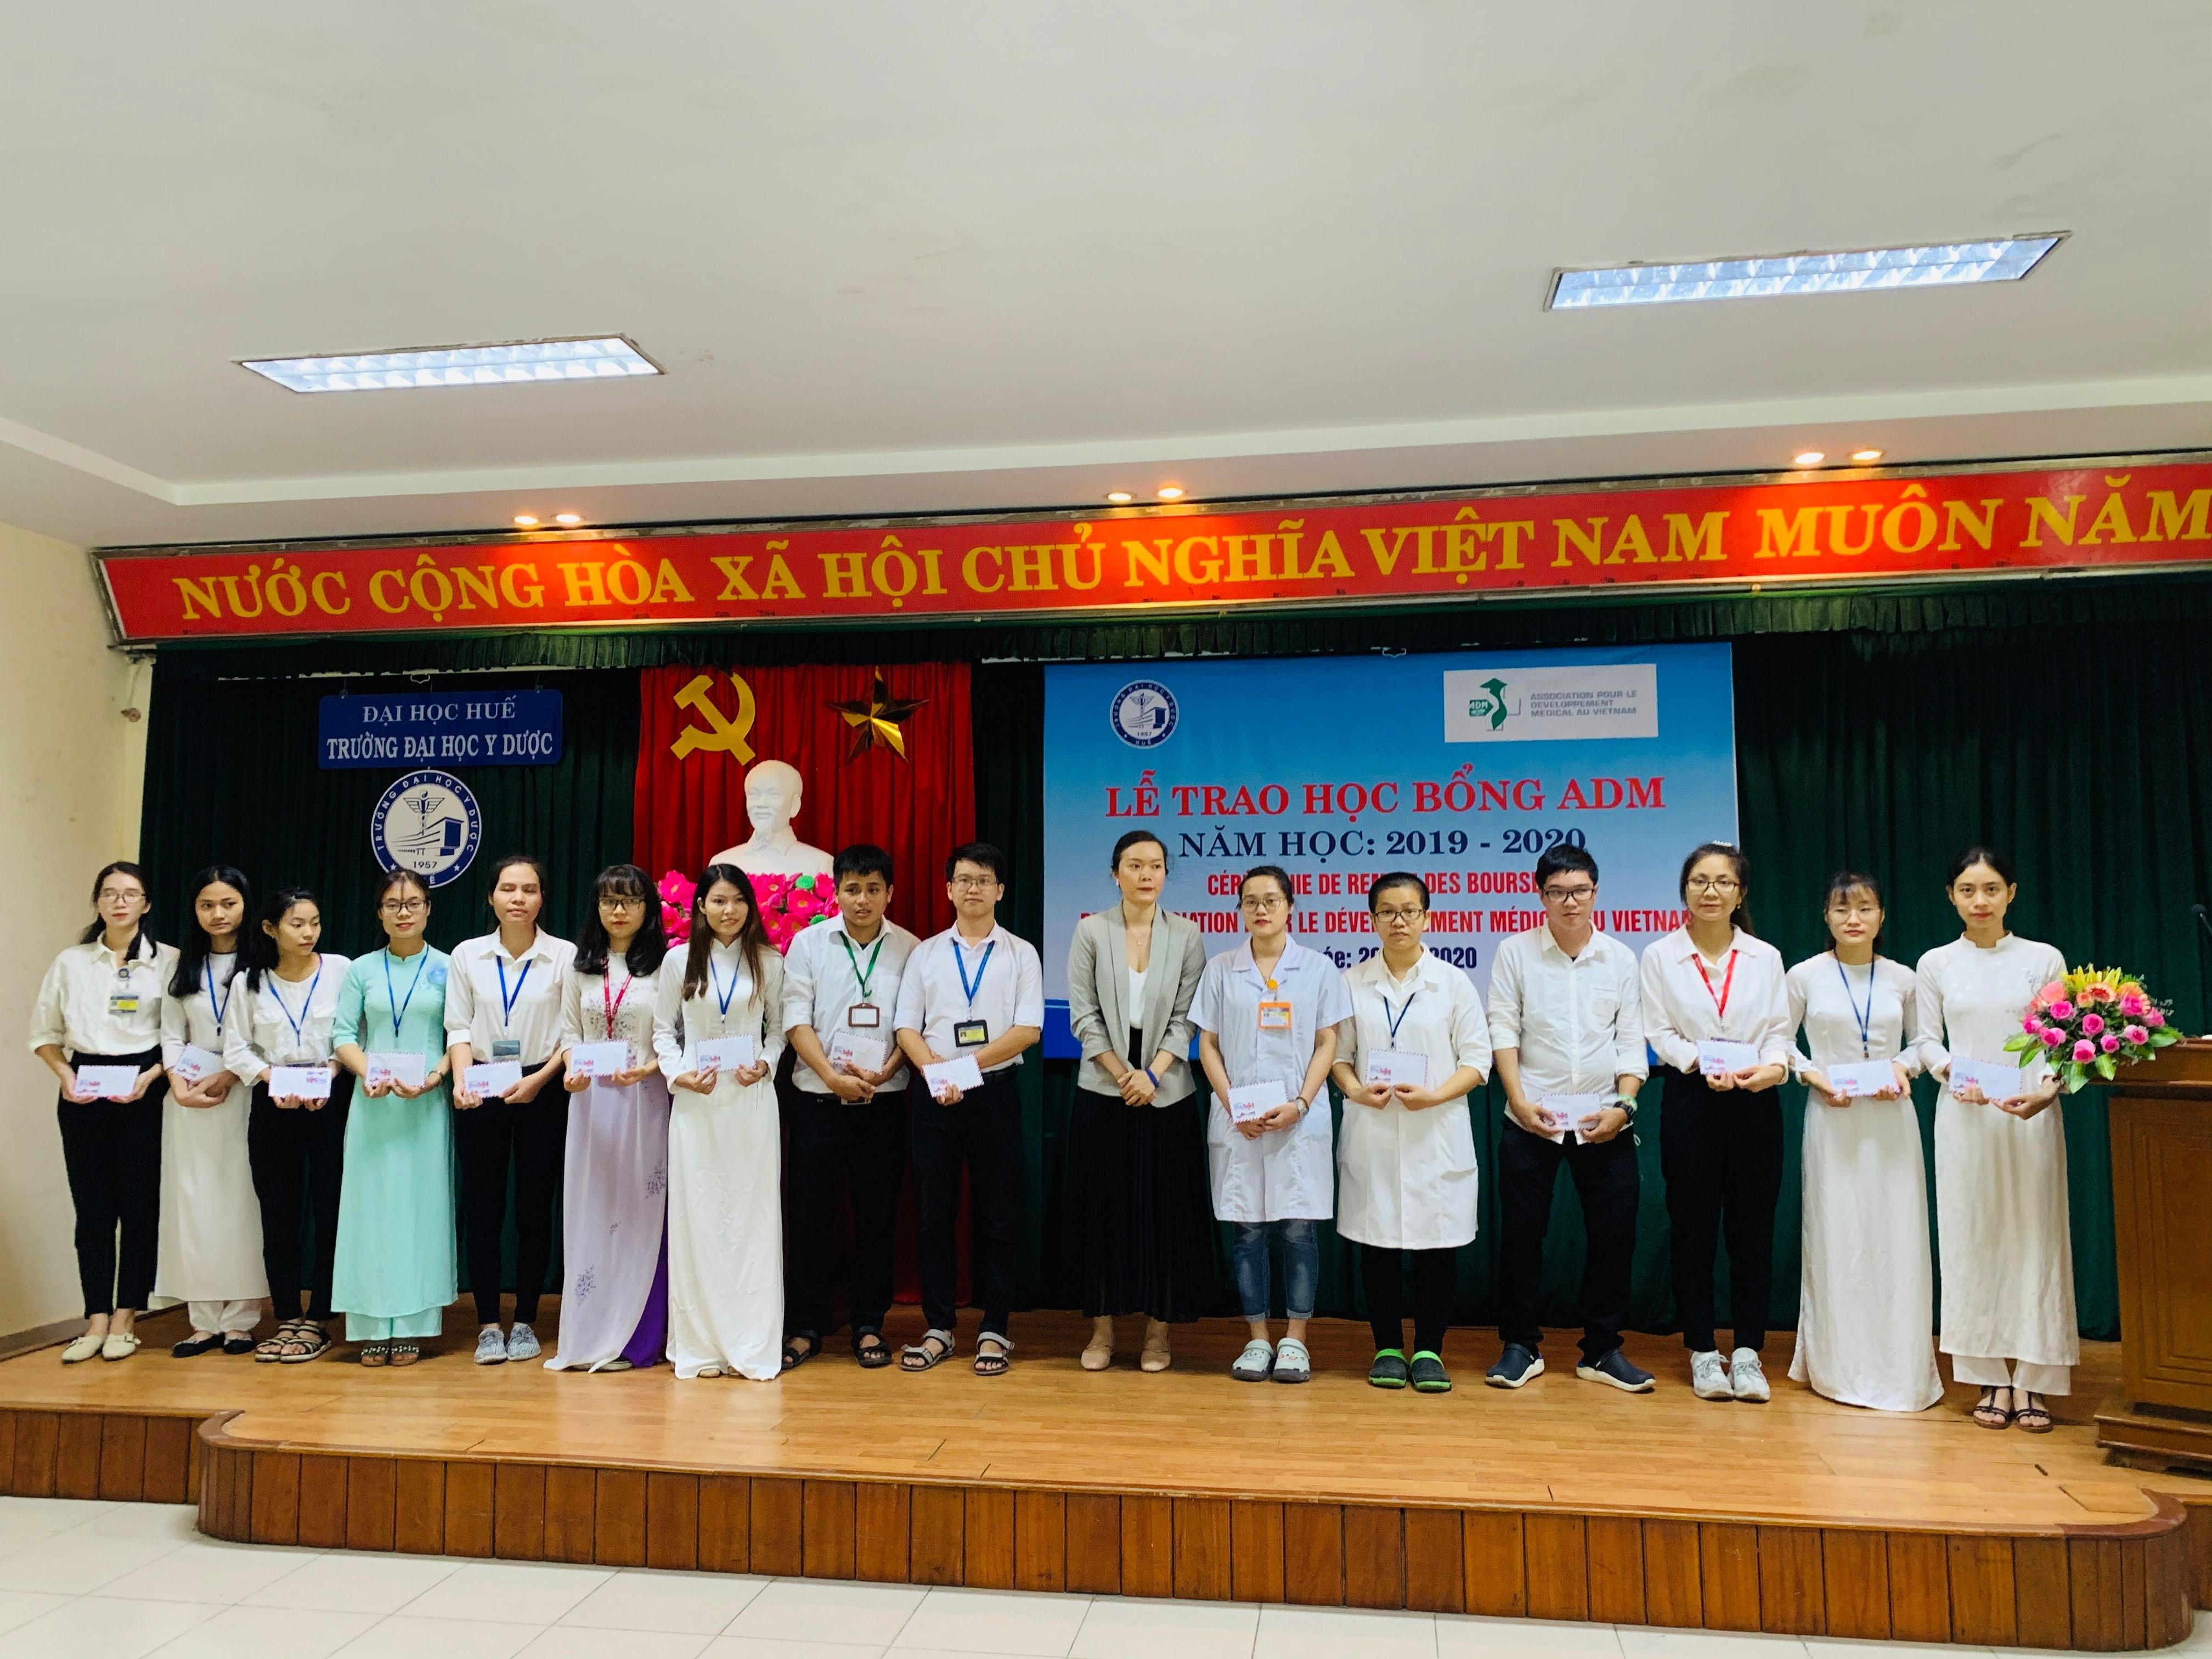 45 sinh viên được nhận học bổng ADM năm học 2019-2020